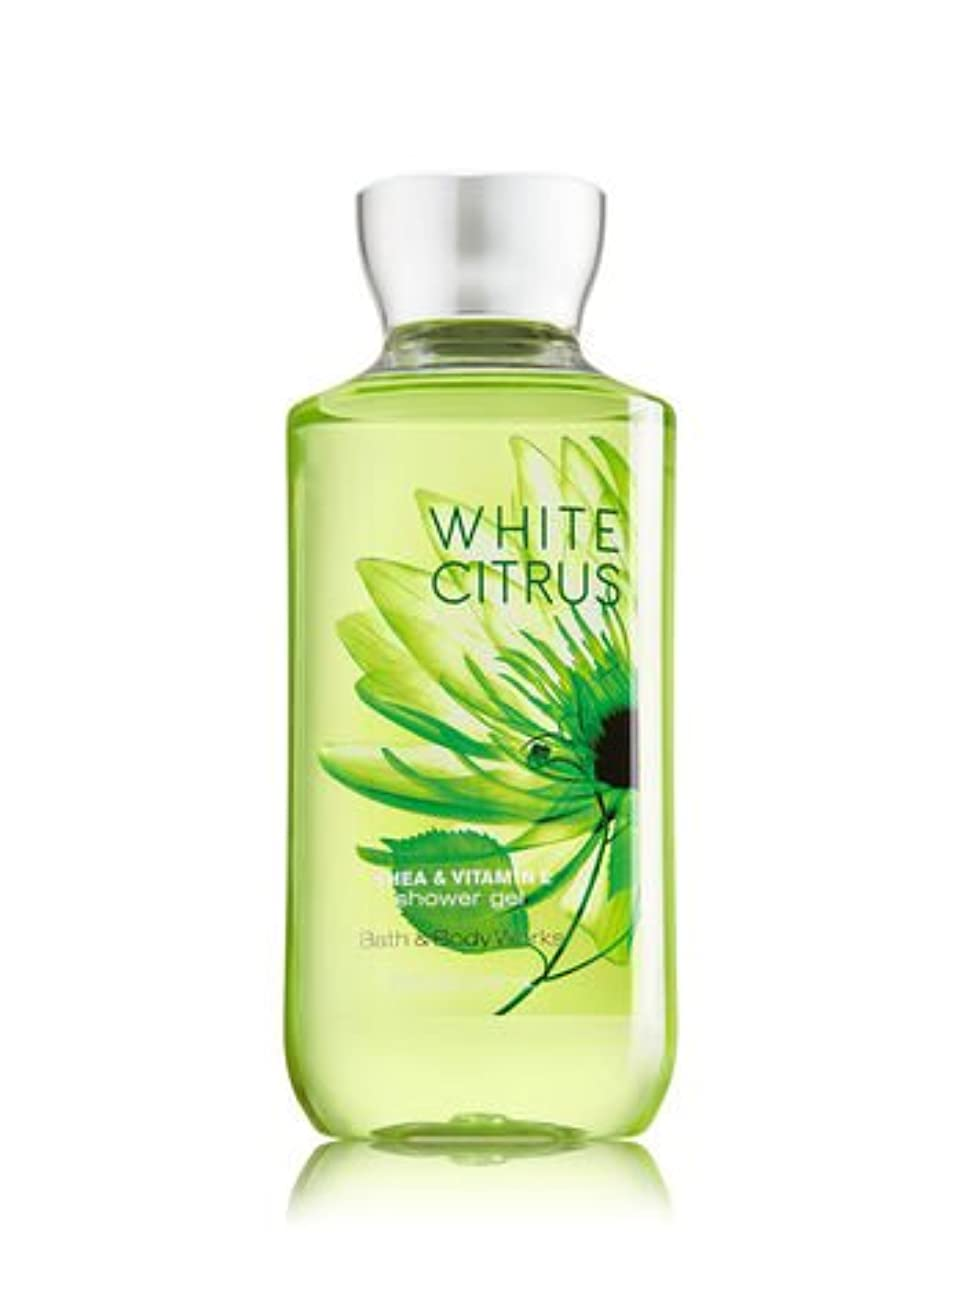 ピザサーフィン縮約バス&ボディワークス ホワイトシトラス シャワージェル White Citrus Shower Gel [並行輸入品]